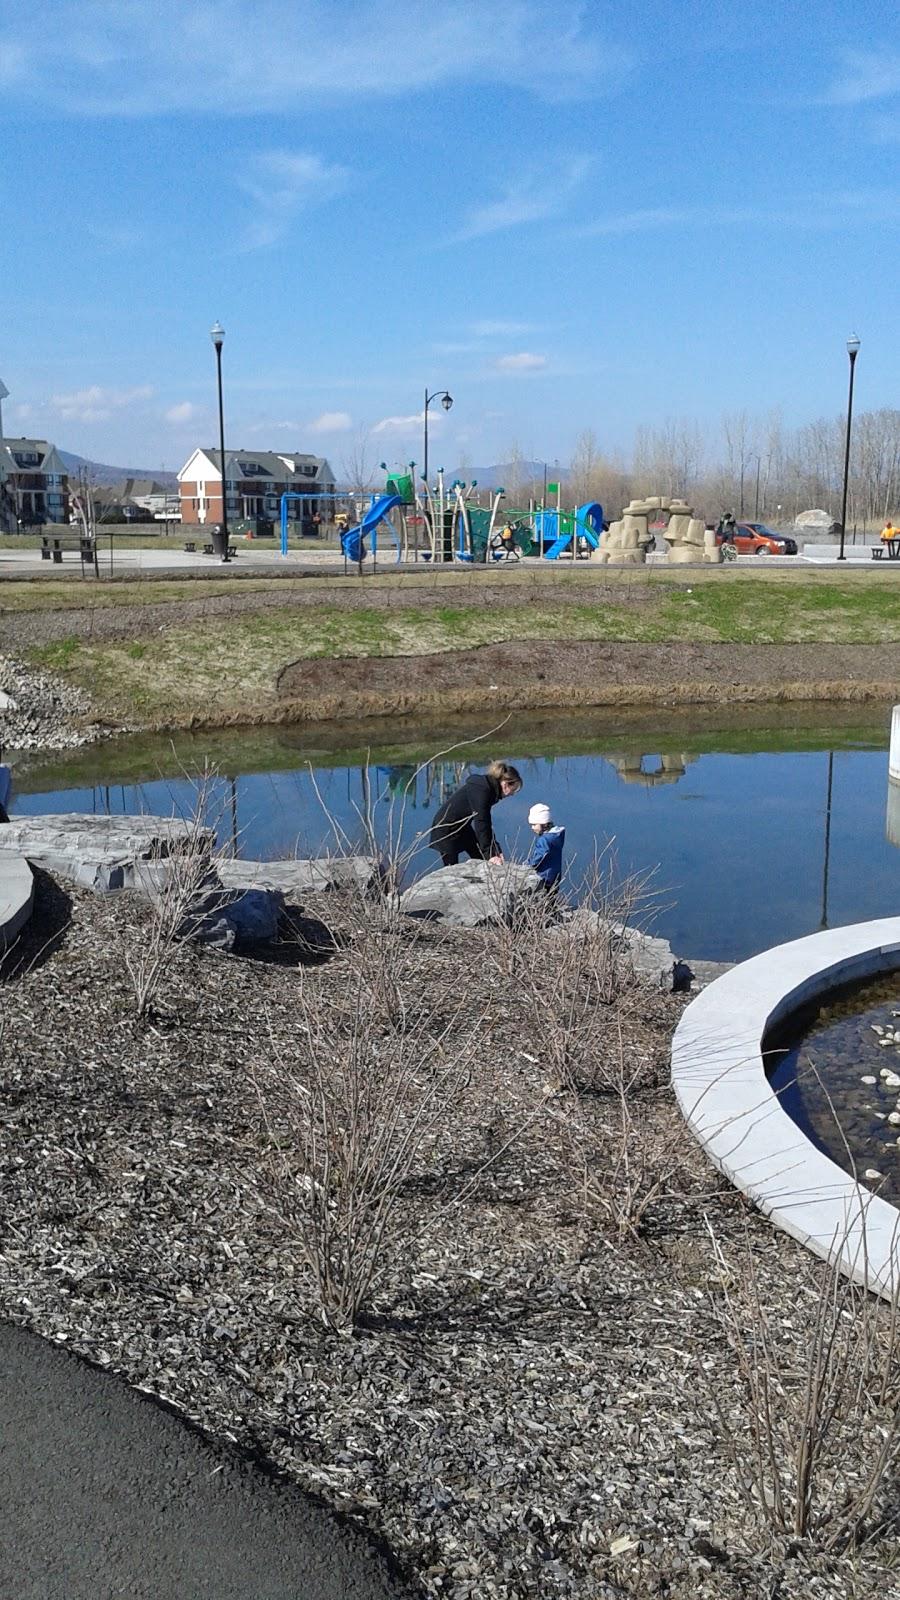 Parc Ruisseau Du Moulin | park | 2060 Rue Blanche-Lamontagne, Québec, QC G1C 8B8, Canada